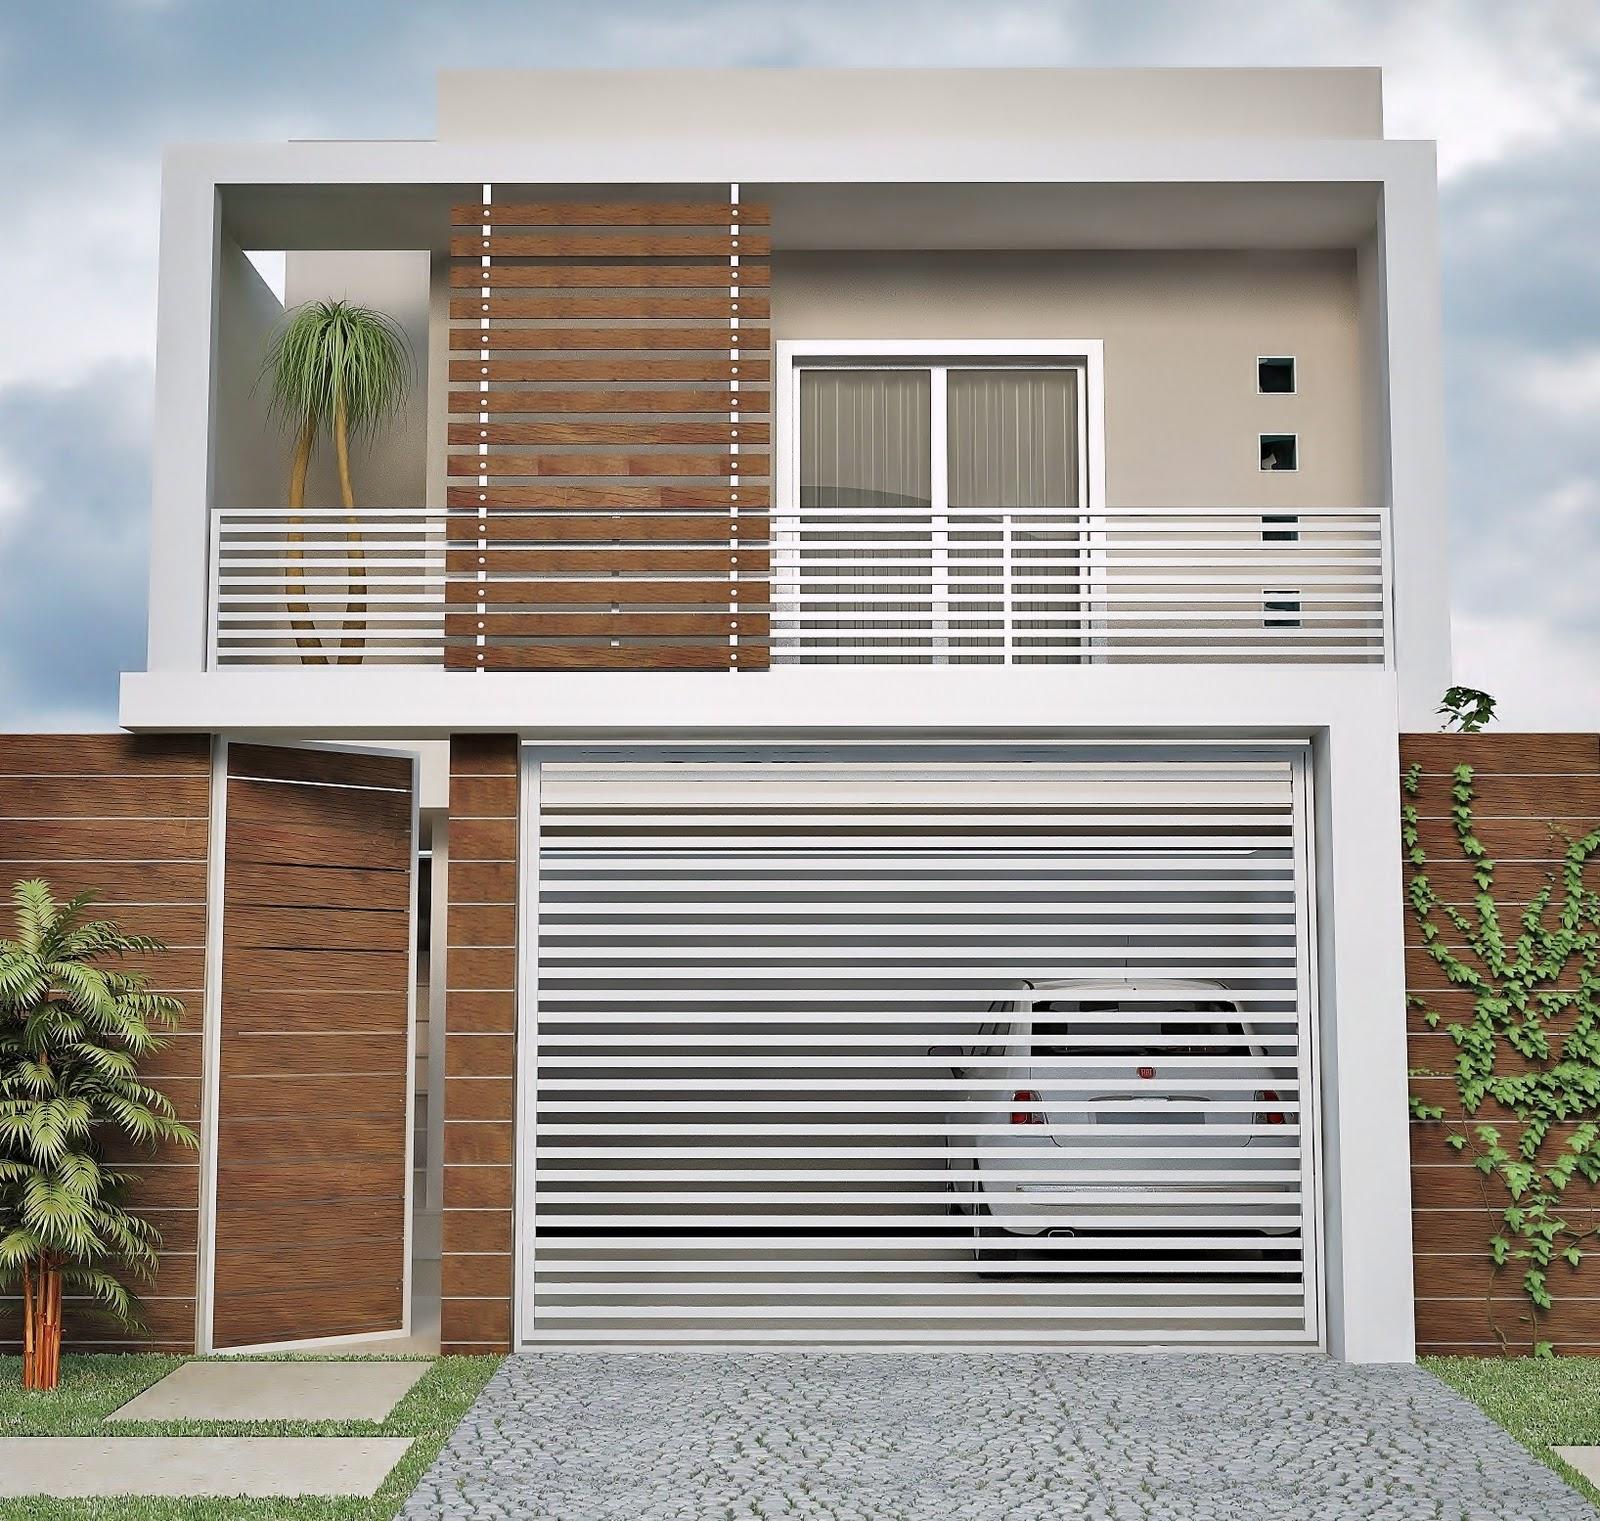 fachadas de casas pequenas garagem1jpg - Fotos De Fachadas De Casas